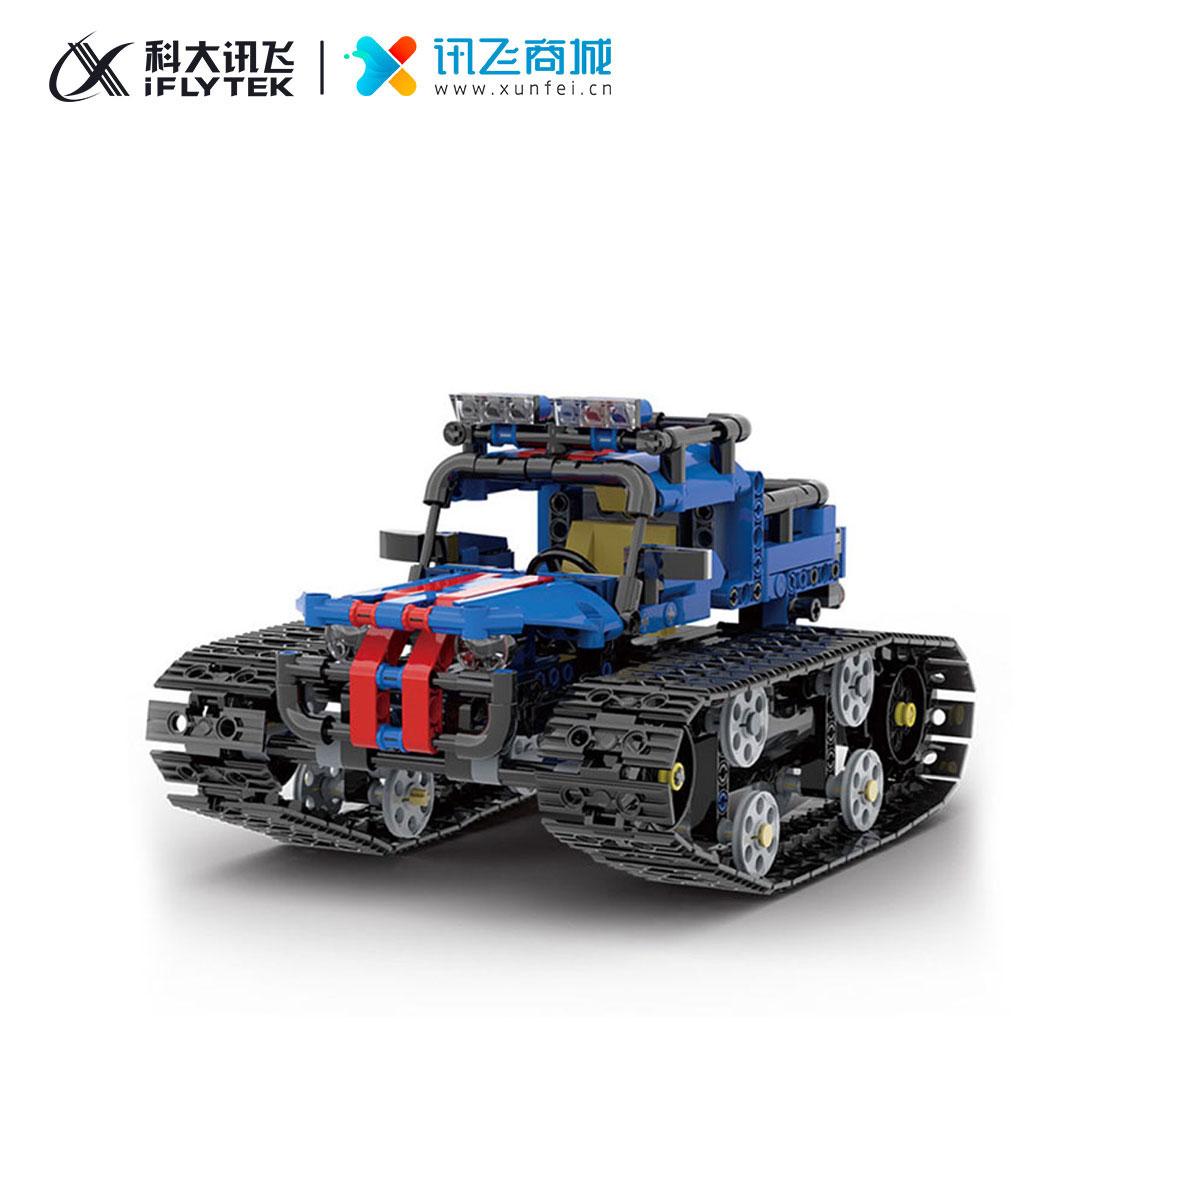 阿尔法蛋·编程机甲S1积木玩具